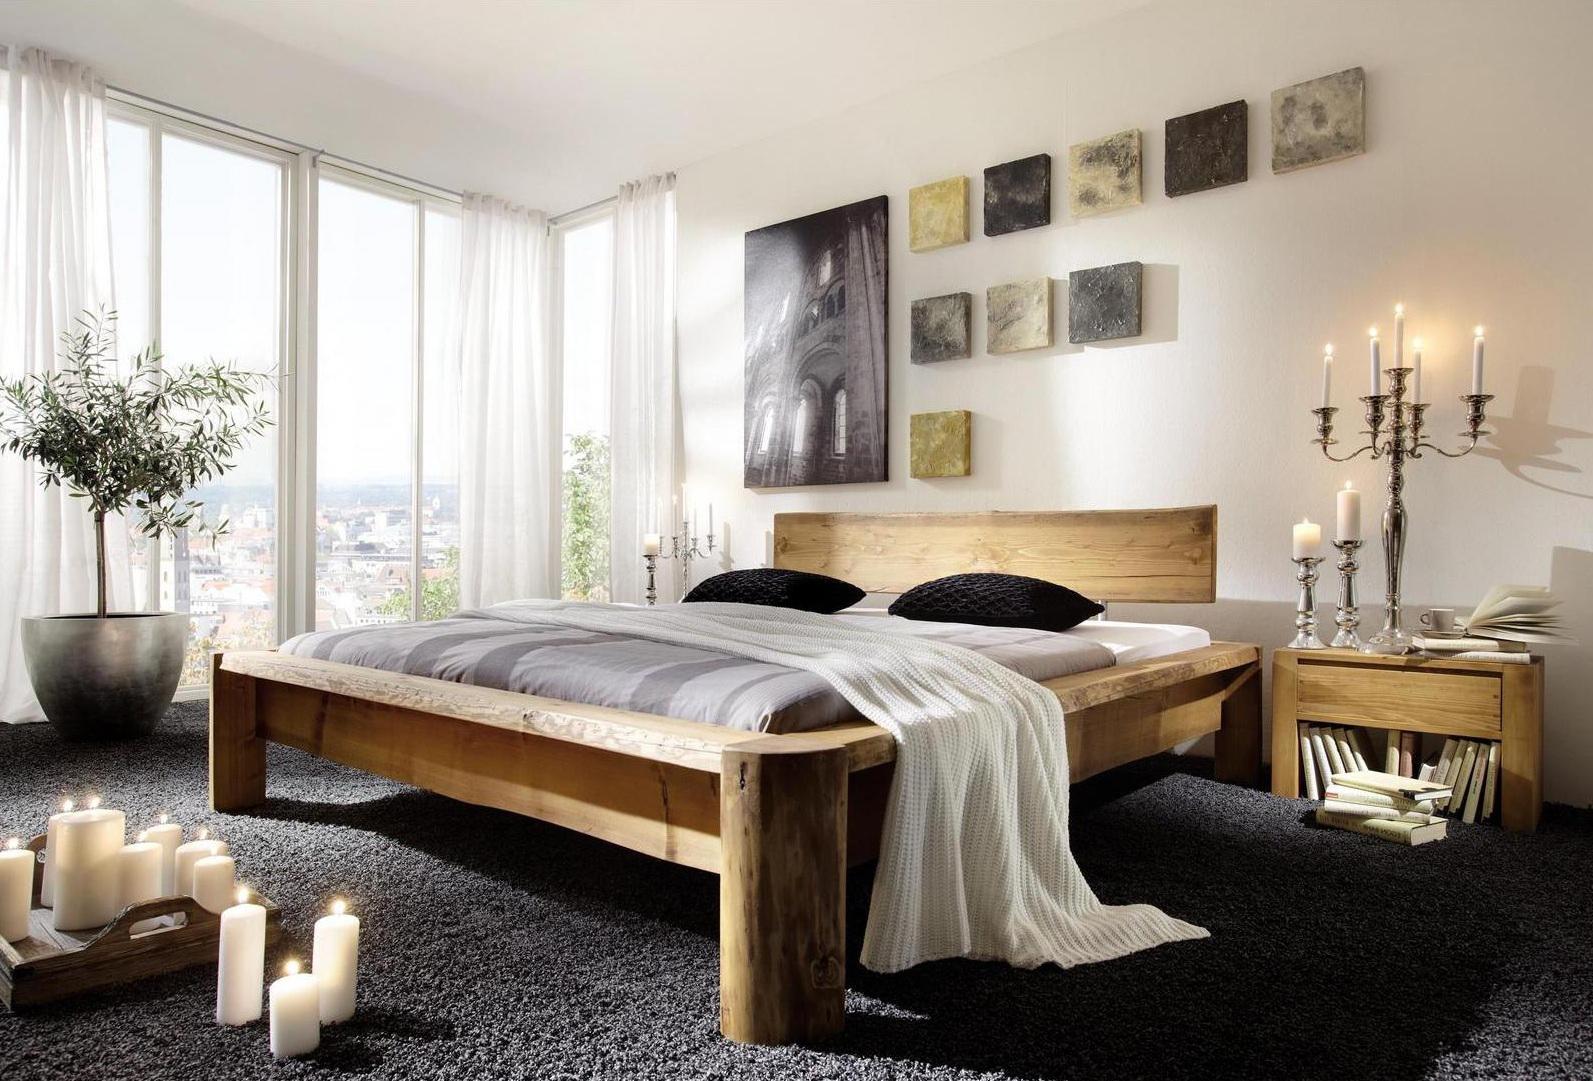 Кровать и тумба из сосны в интерьере спальни